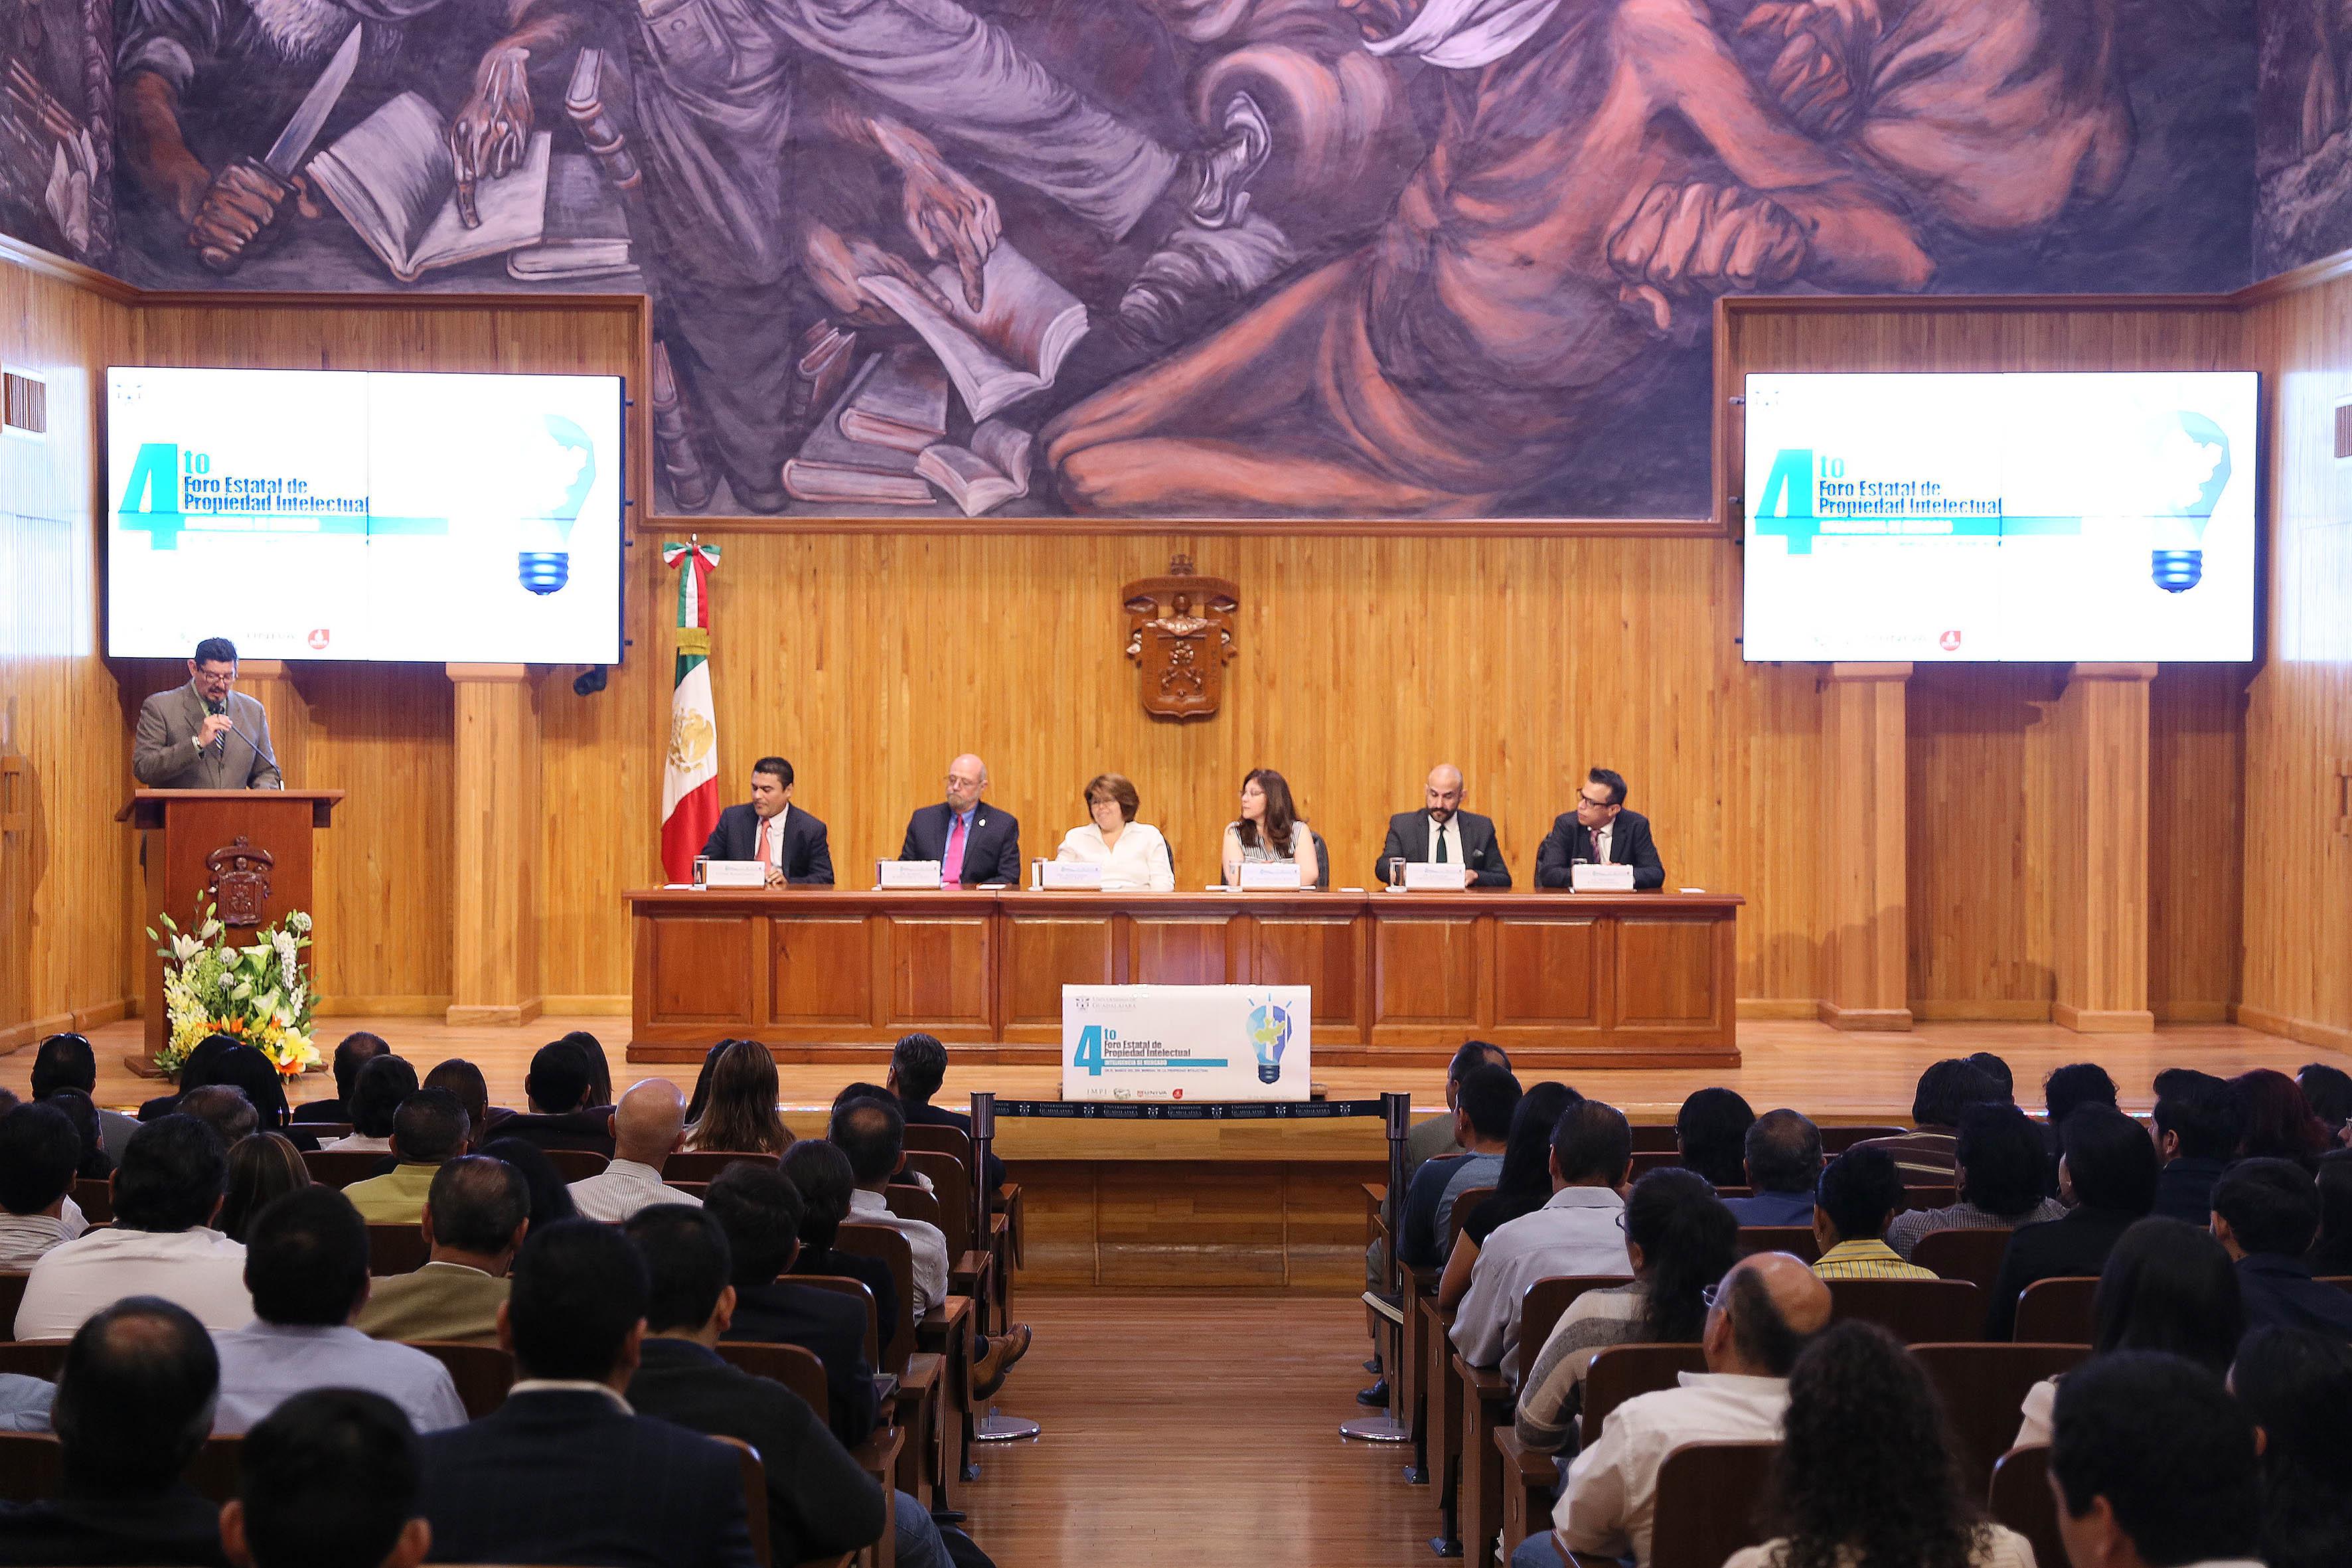 4to Foro Estatal de Propiedad Intelectual organizado por la Coordinación de Vinculación y Servicio Social de la Universidad de Guadalajara y la Universidad del Valle de Atemajac.